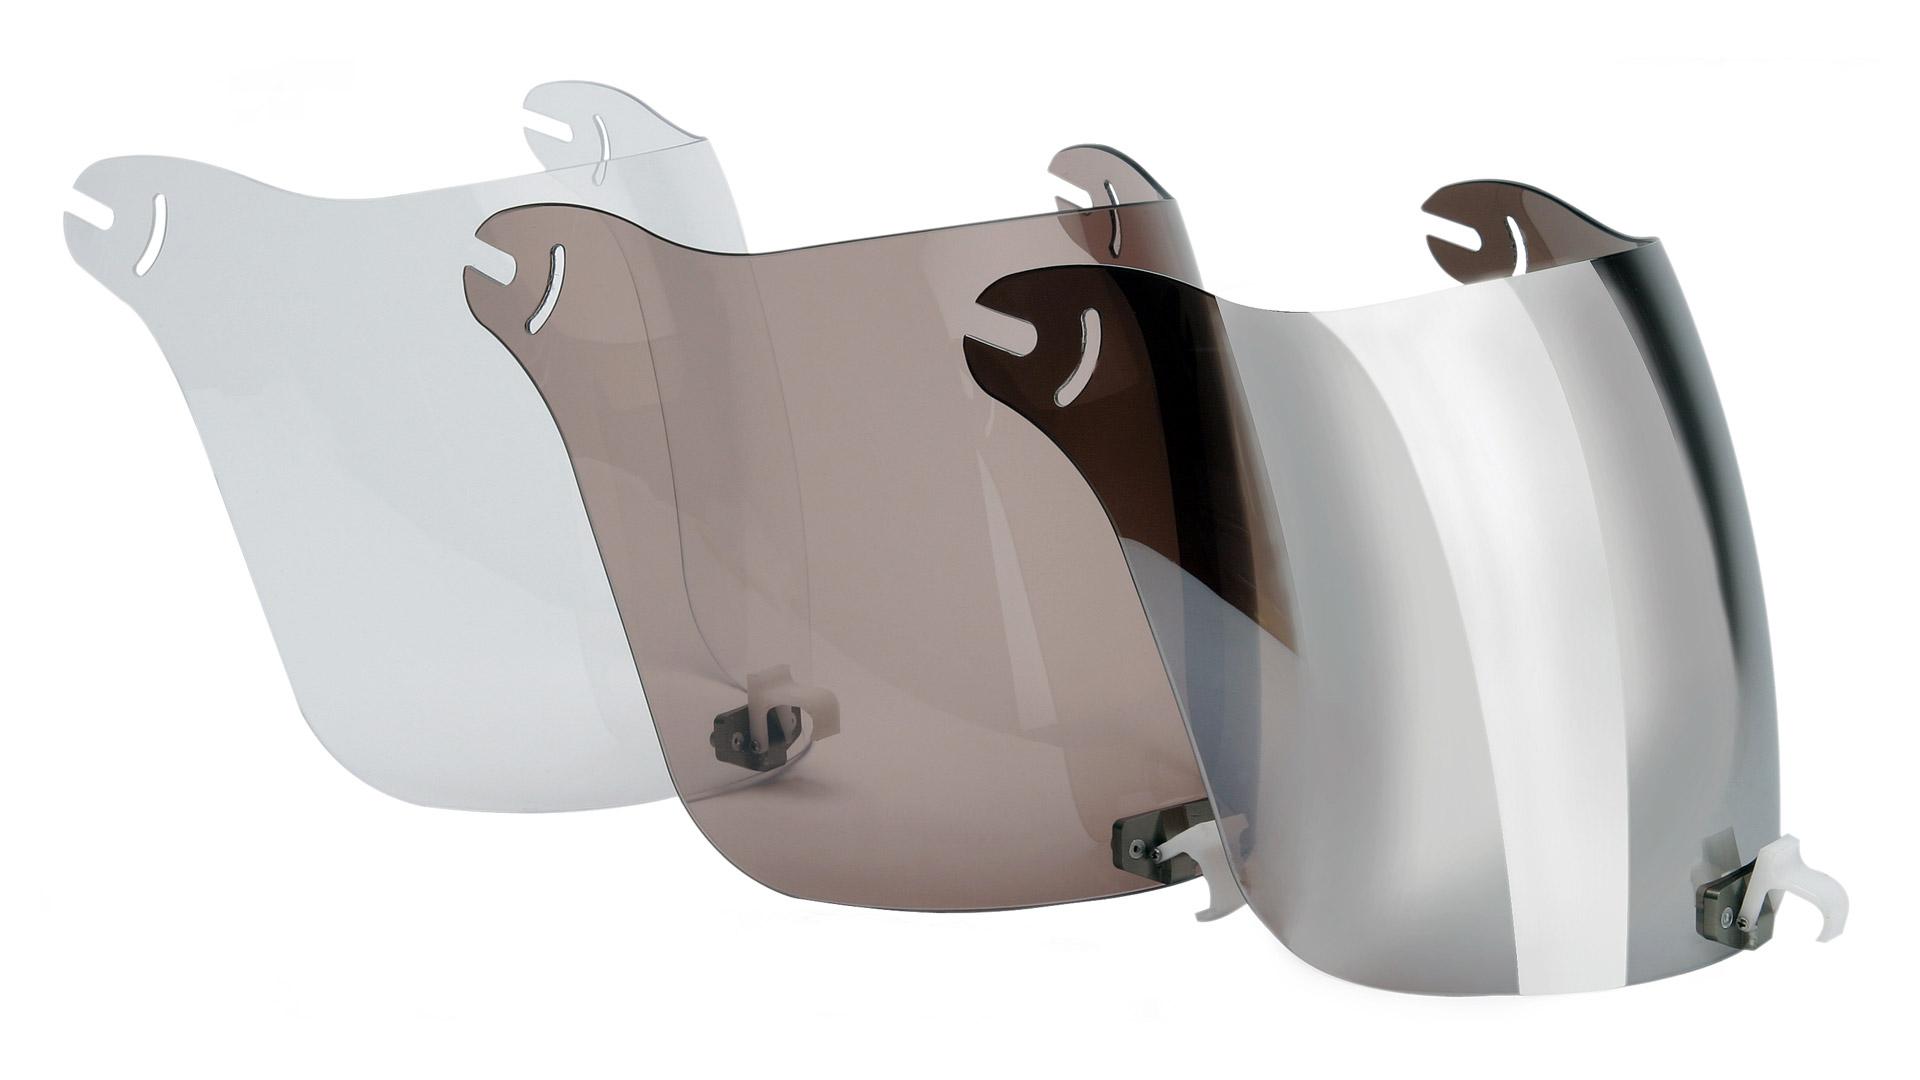 標準装備のバイザーはロールバーに固定可能。高速フライトでも安心です。